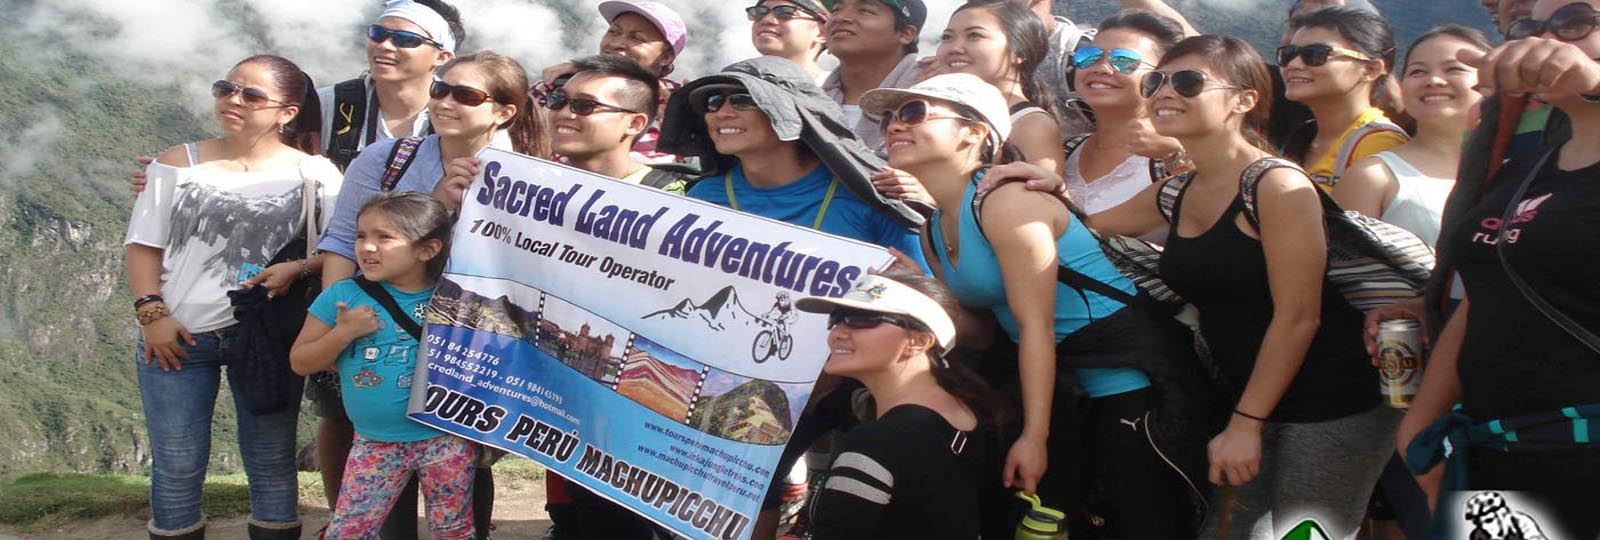 Tours Machu Picchu 1 dia por tren - TOURS PERU MACHU PICCHU